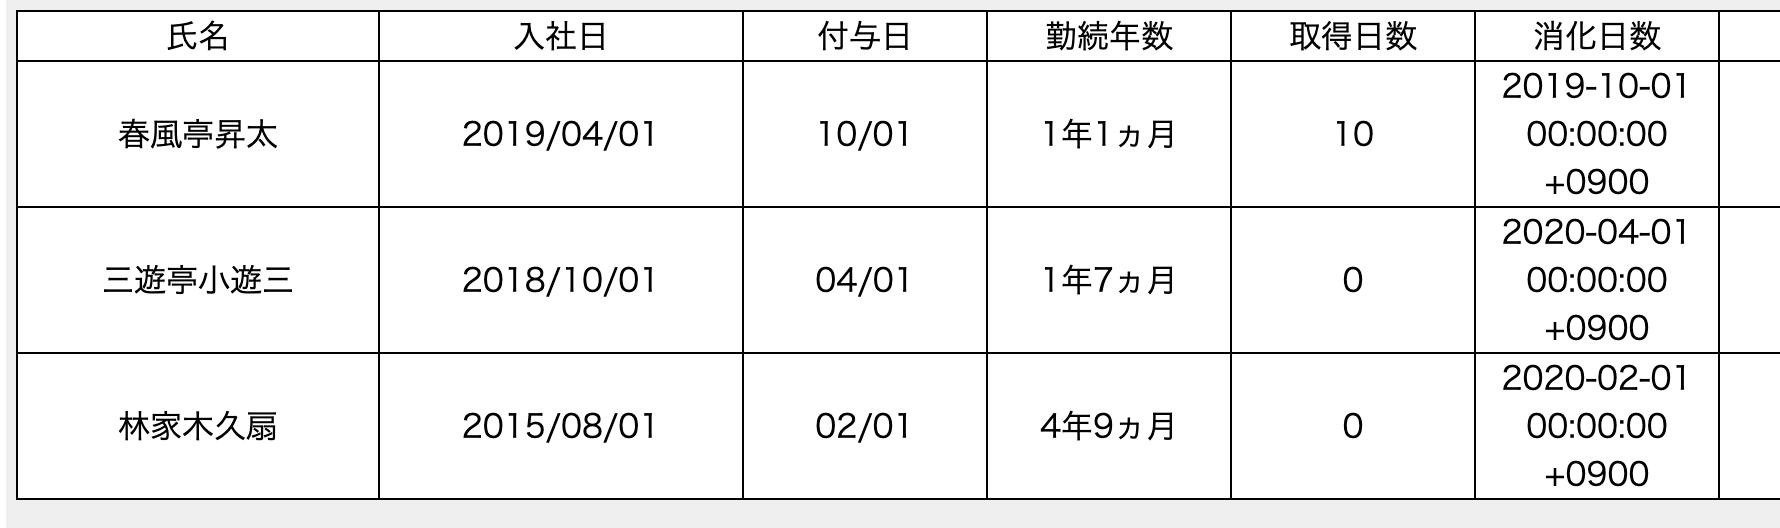 【開発ログ⑪】有休付与日から現在までの消化日数の合計を計算〜残日数まで